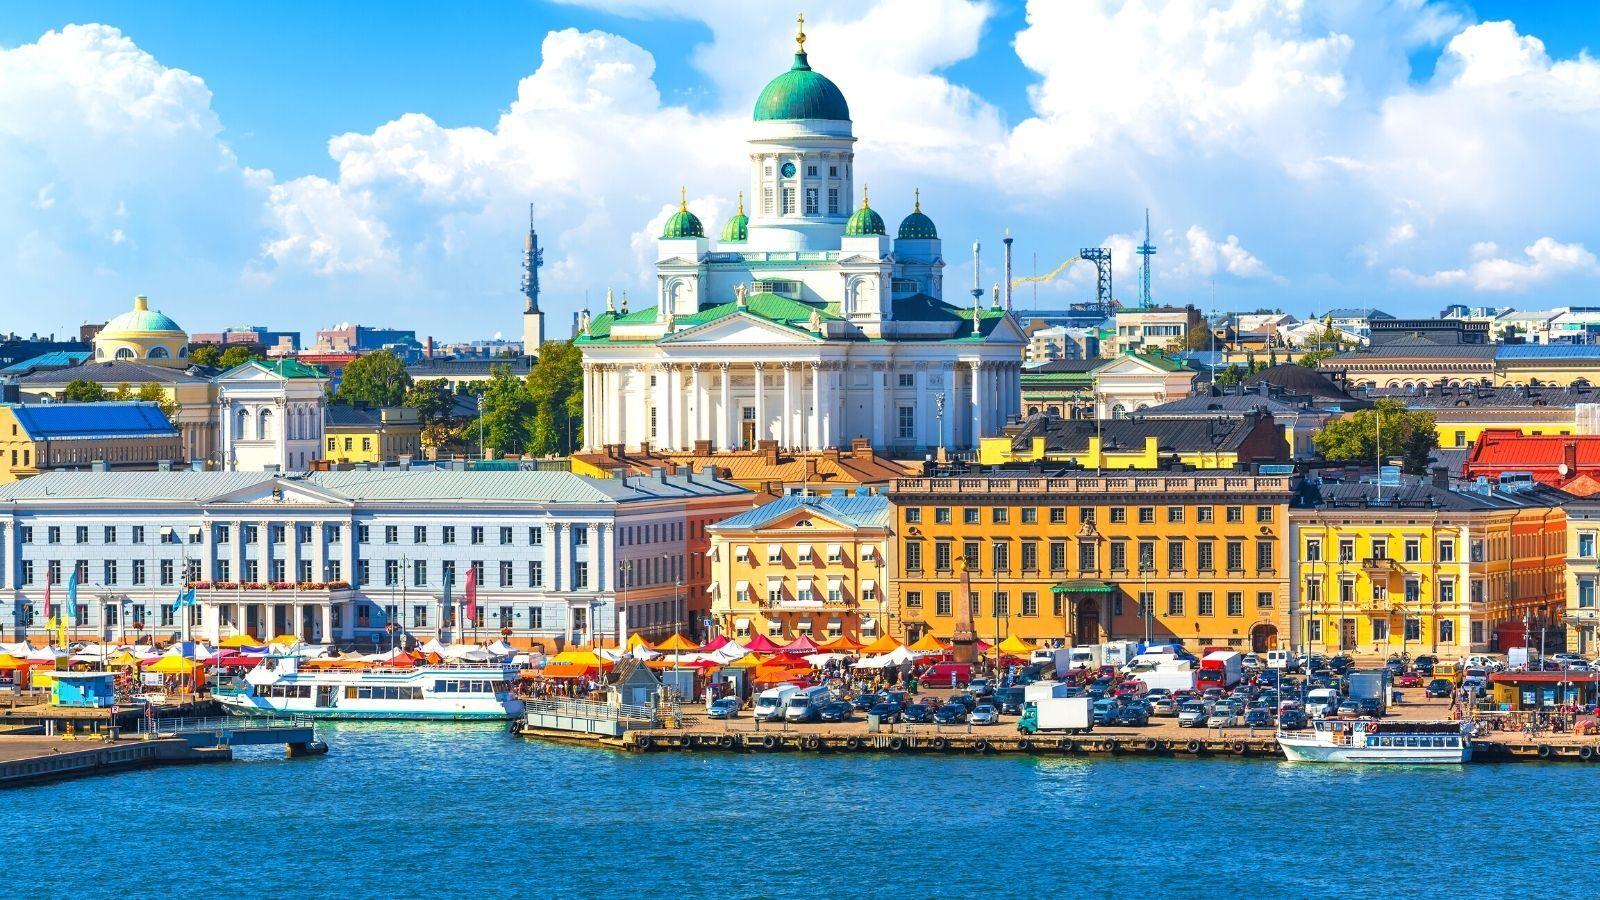 Le livre italien en Finlande